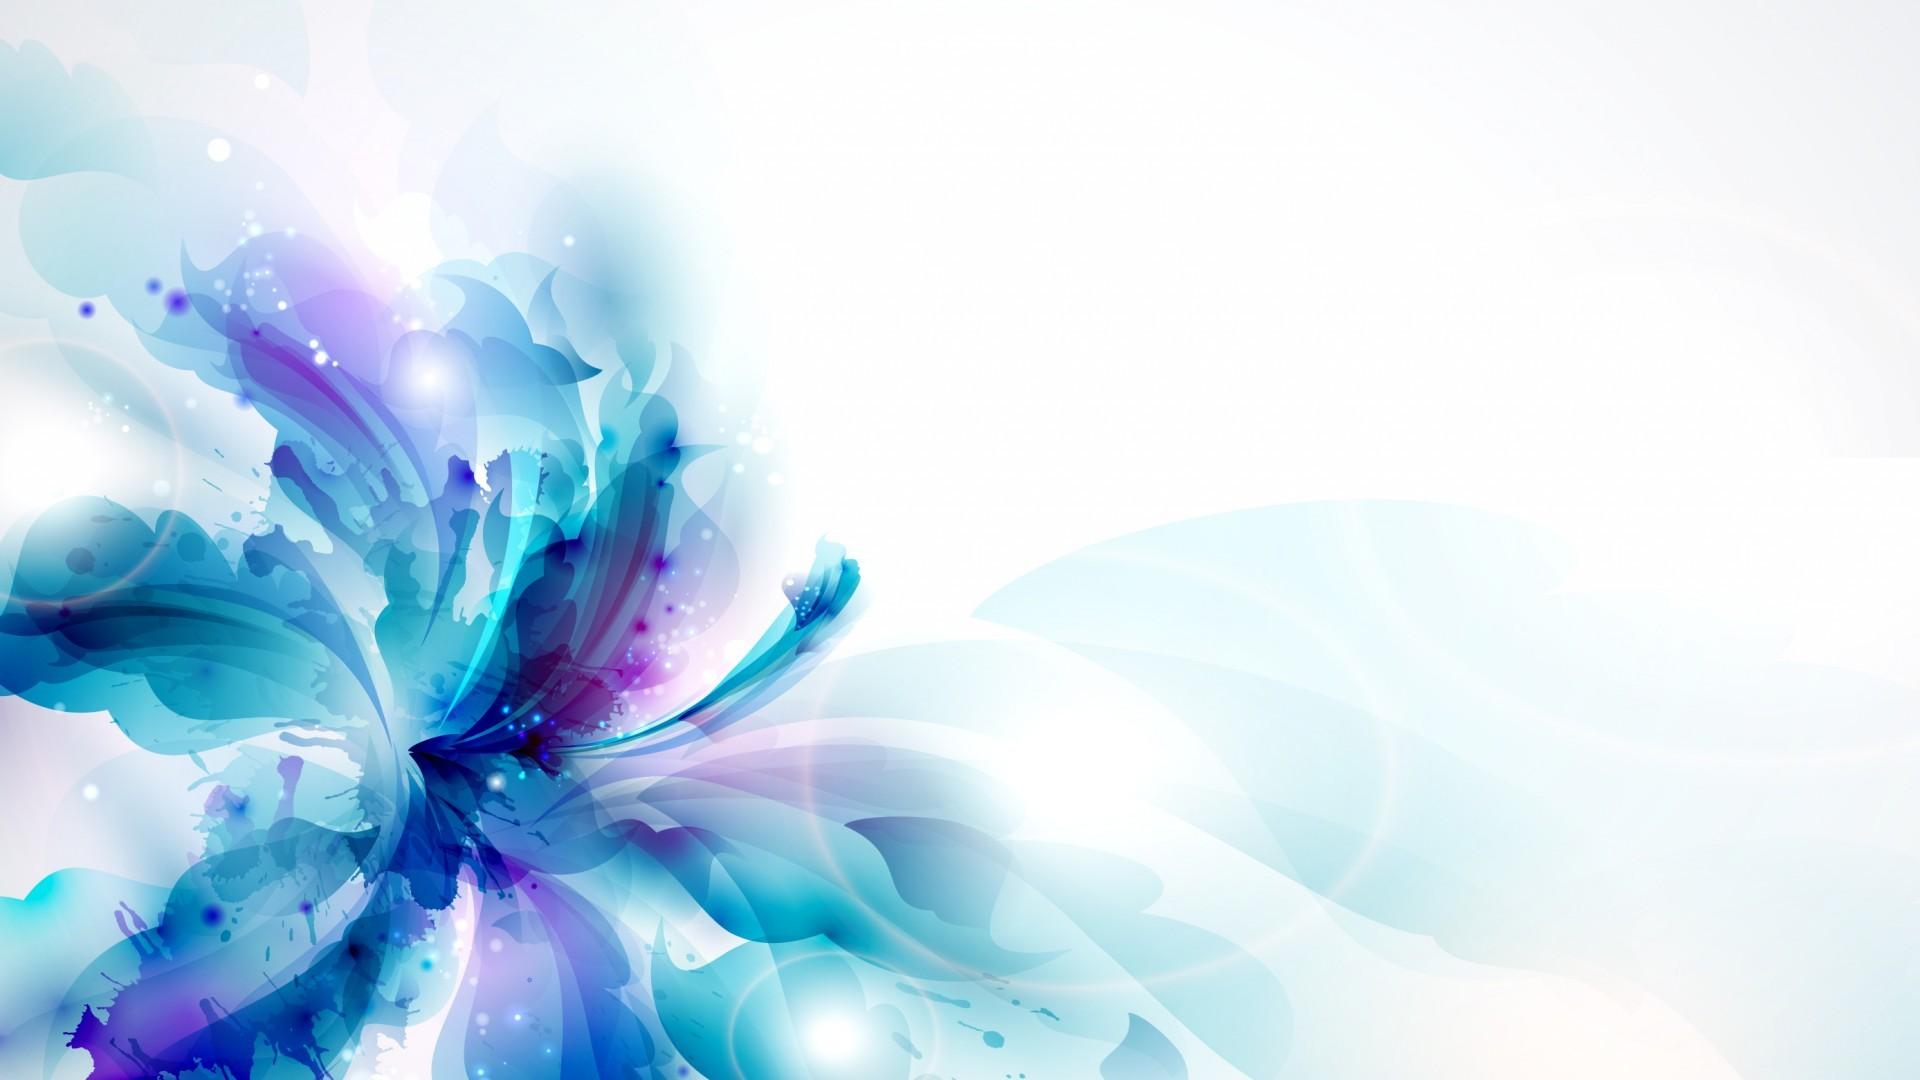 Blue Color Wallpaper 1020 – uMad.com